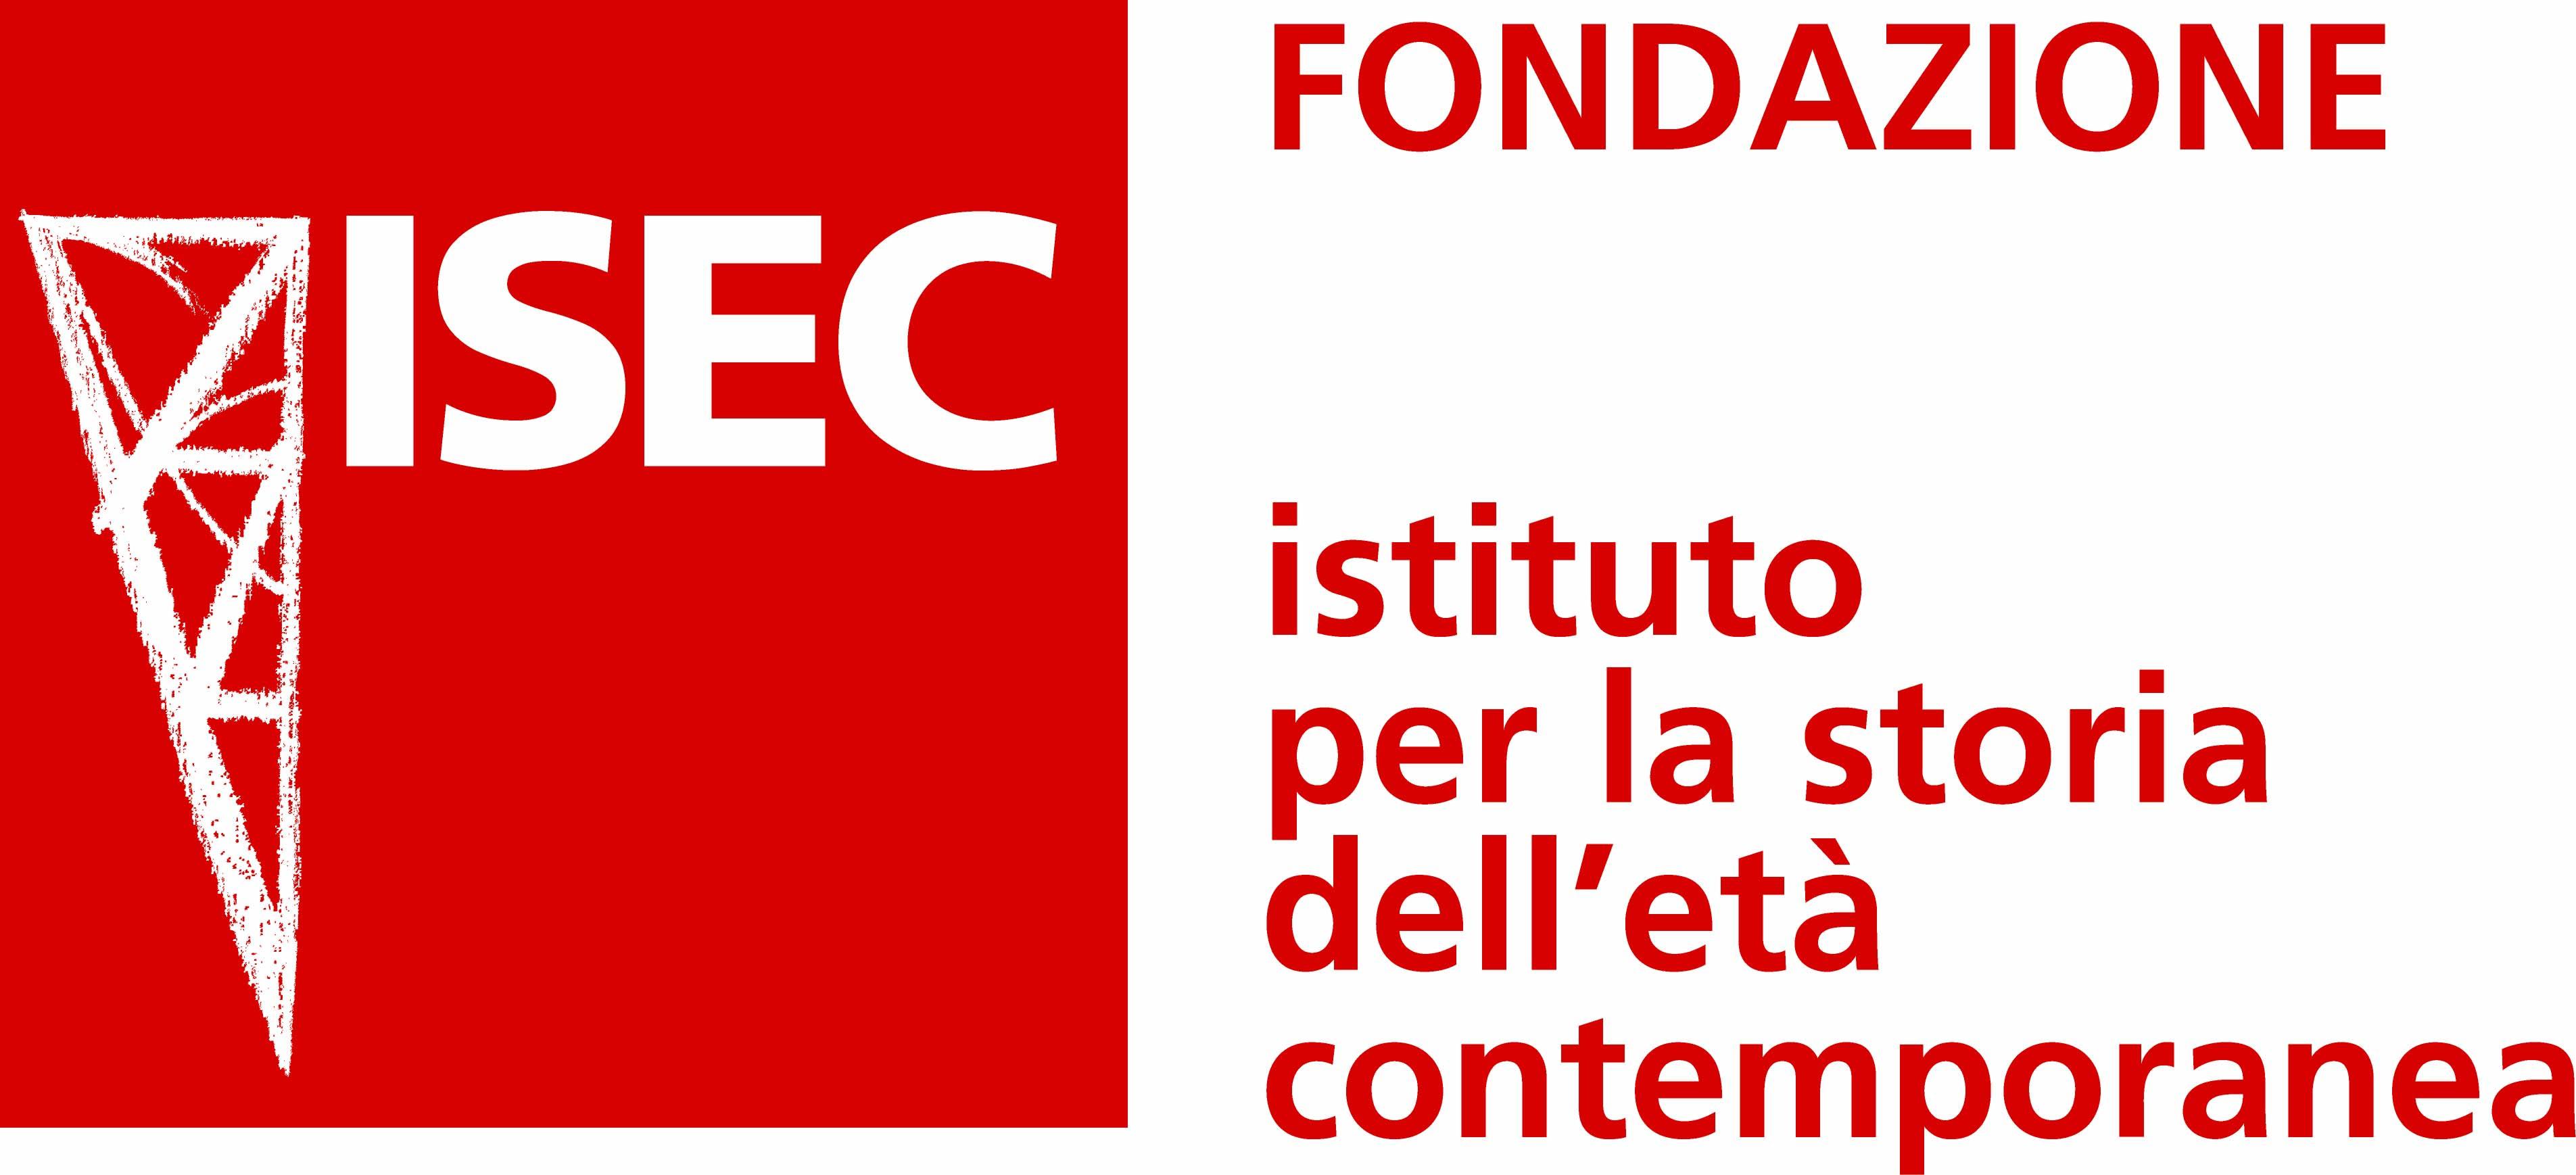 Archivio Storico Fondazione ISEC